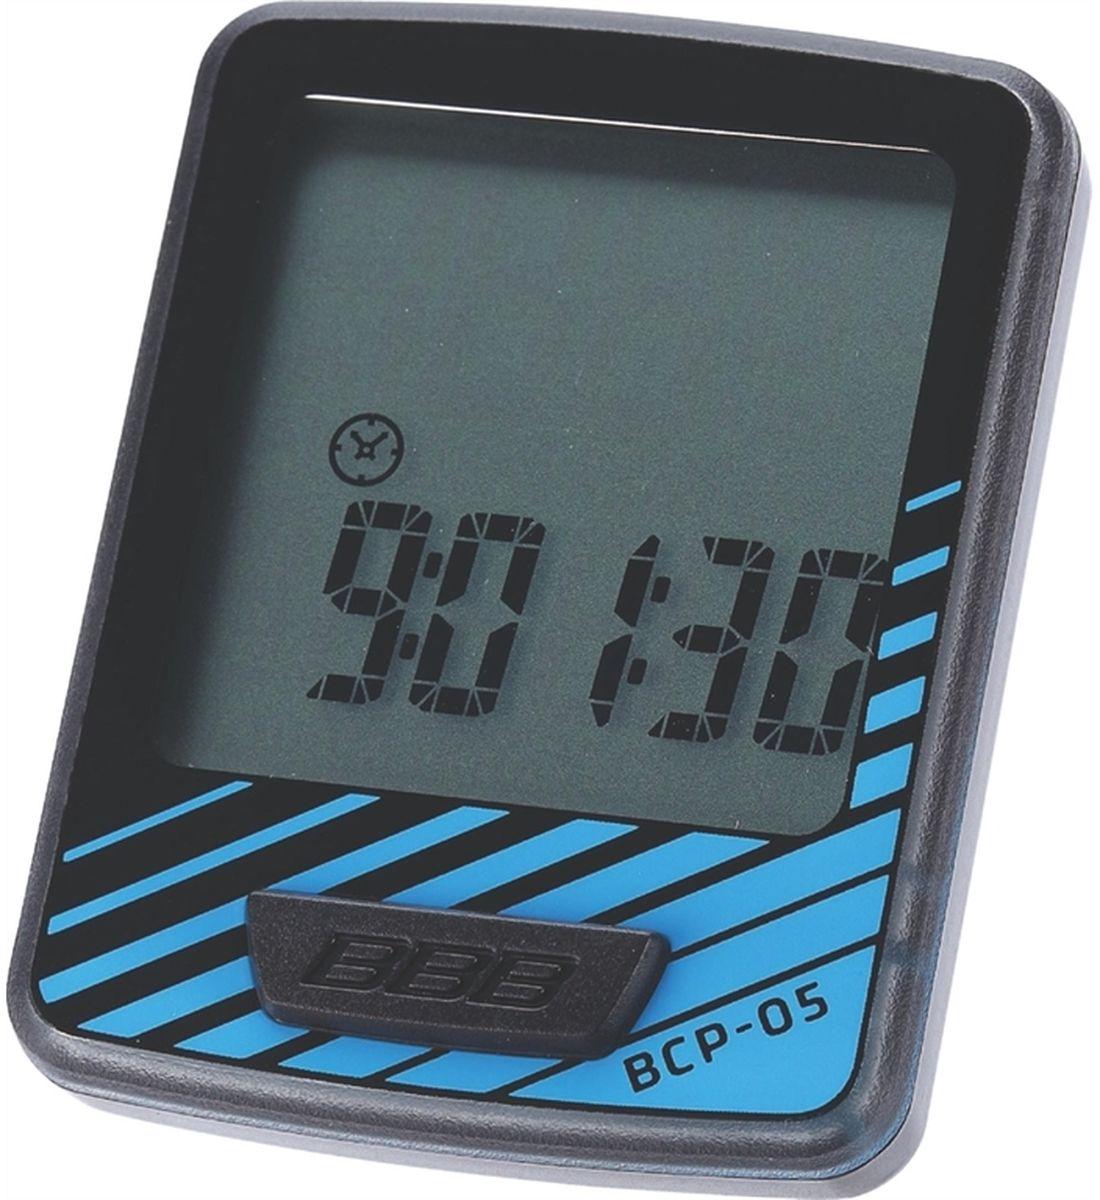 Велокомпьютер BBB DashBoard, цвет: черный, синий, 7 функцийBCP-05Велокомпьютер BBB DashBoard стал, в своем роде, образцом для подражания. Появившись как простой и небольшой велокомпьютер с большим и легкочитаемым экраном, он эволюционировал в любимый прибор велосипедистов, которым нужна простая в использовании вещь без тысячи лишних функций. Общий размер велокомпьютера имеет небольшой размер за счет верхней части корпуса. Размер экрана 32 х 32 мм, позволяющие легко считывать информацию. Управление одной кнопкой.Функции:Текущая скоростьРасстояние поездкиОдометрЧасыАвтоматический переход функцийАвто старт/стопИндикатор низкого заряда батареи.Особенности:Легко читаемый полноразмерный дисплей.Удобное управление с помощью одной кнопки.Компьютер может быть установлен на руле и выносе.Водонепроницаемый корпус.Батарейка в комплекте.